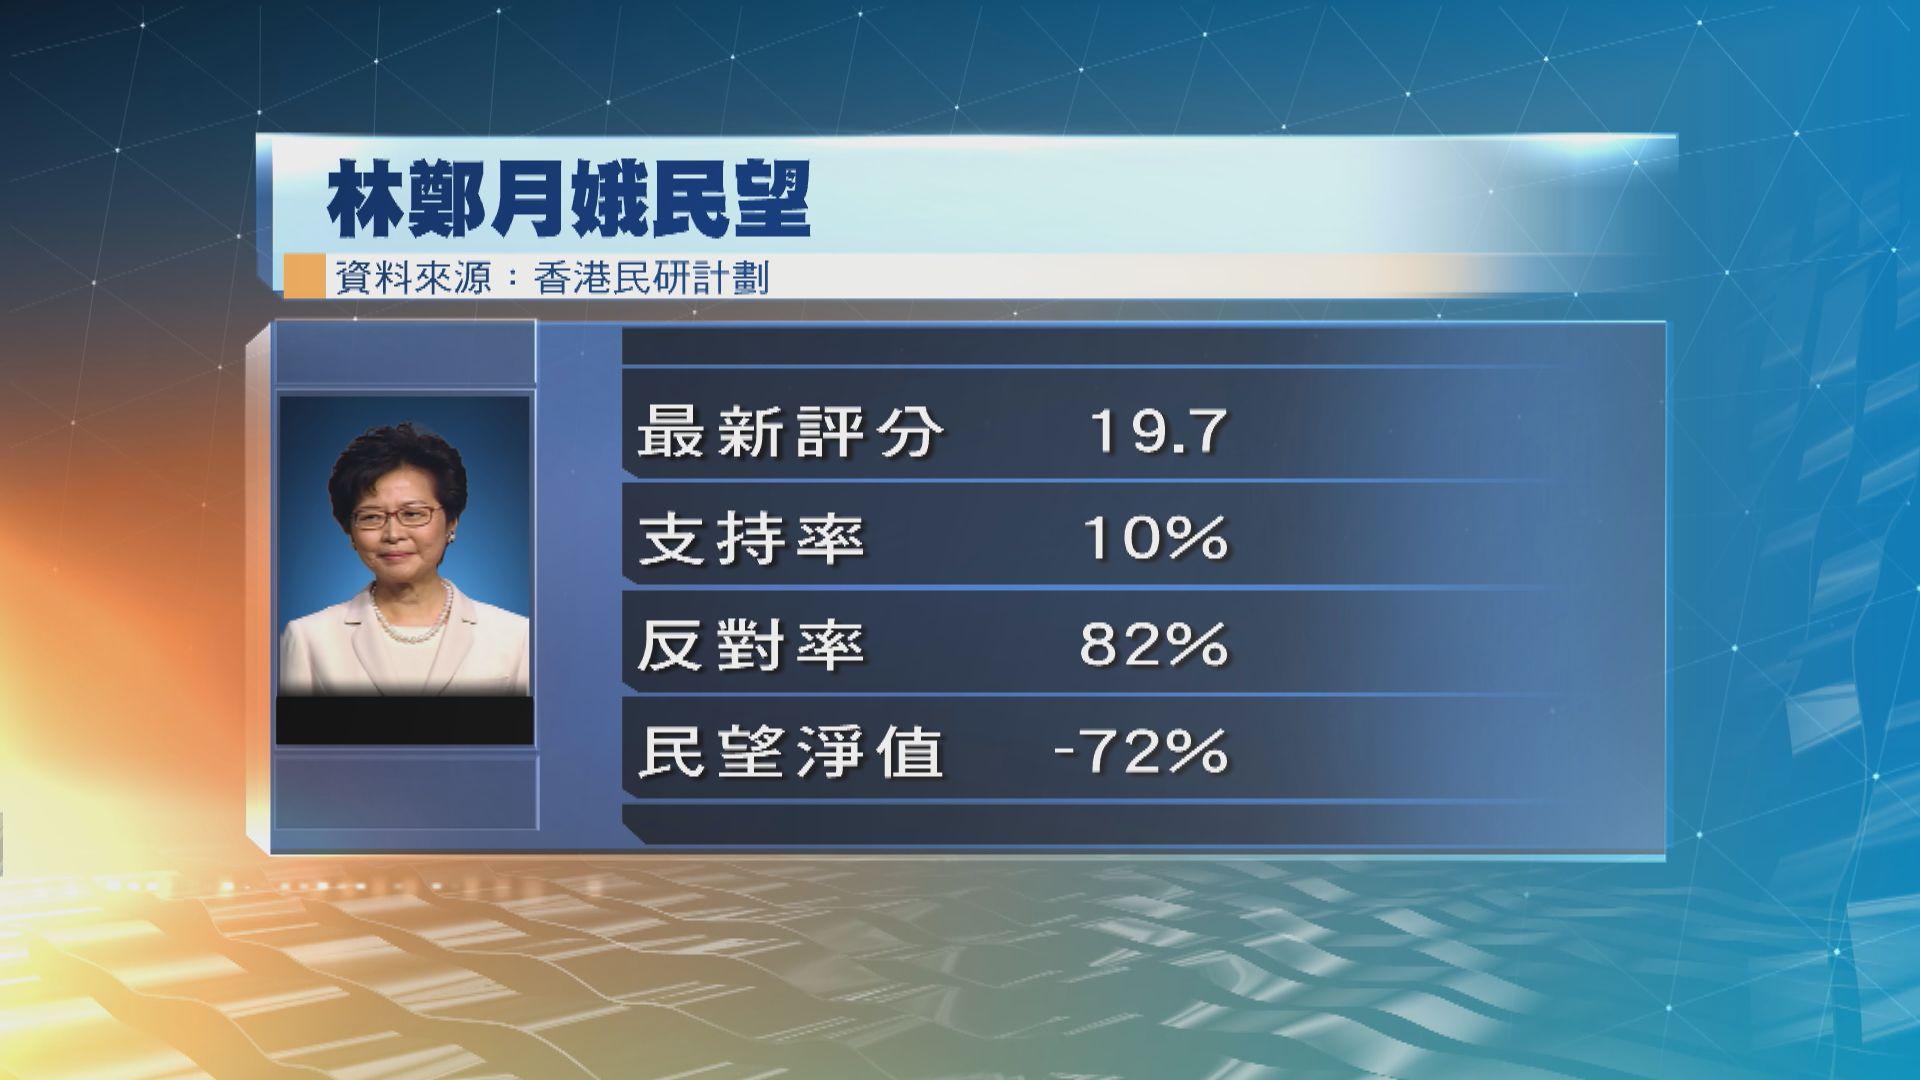 林鄭月娥評分19.7分 張建宗陳茂波評分創上任新低